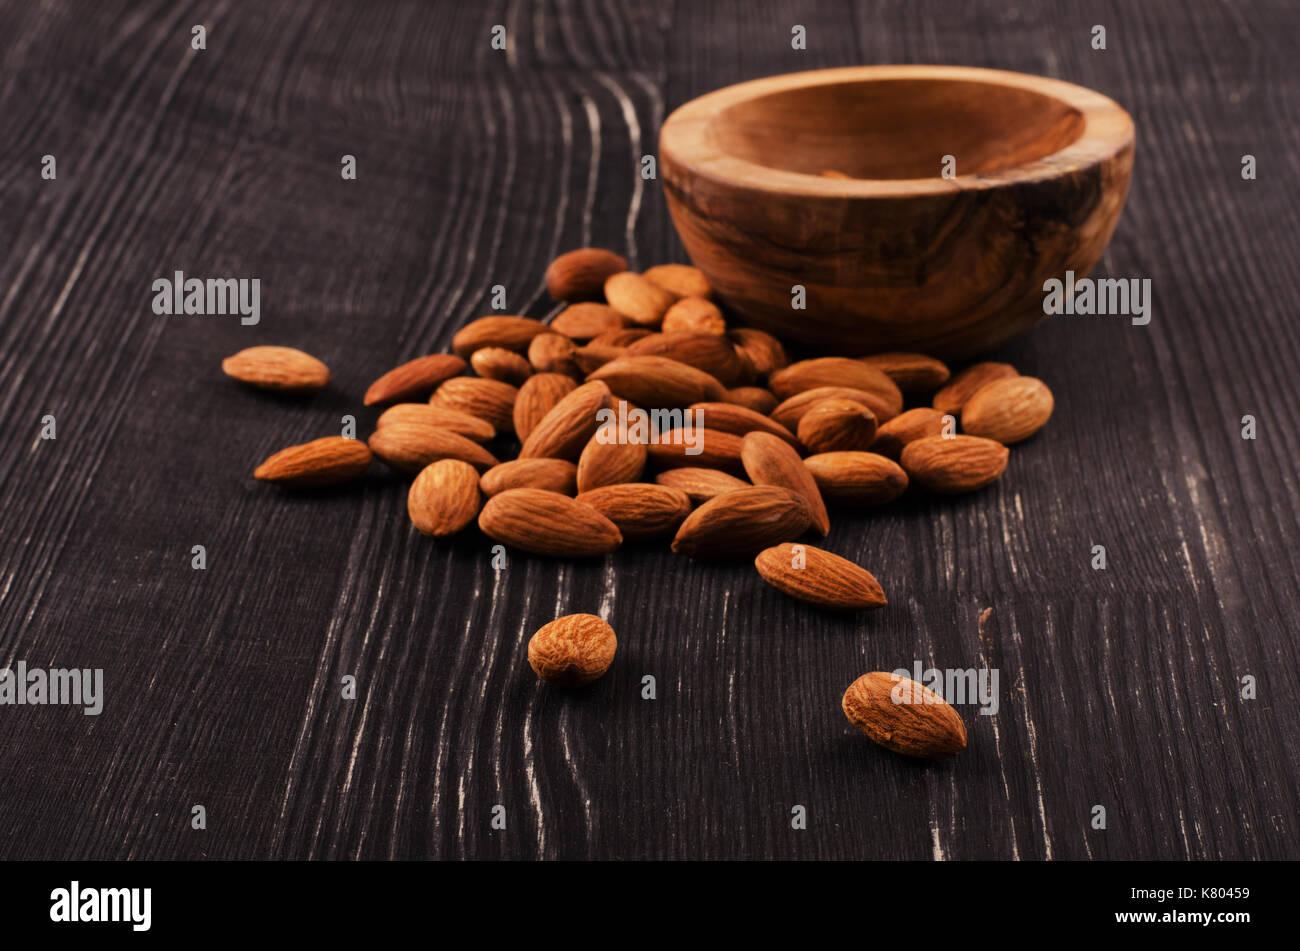 Las almendras en recipiente sobre fondo de madera marrón Imagen De Stock